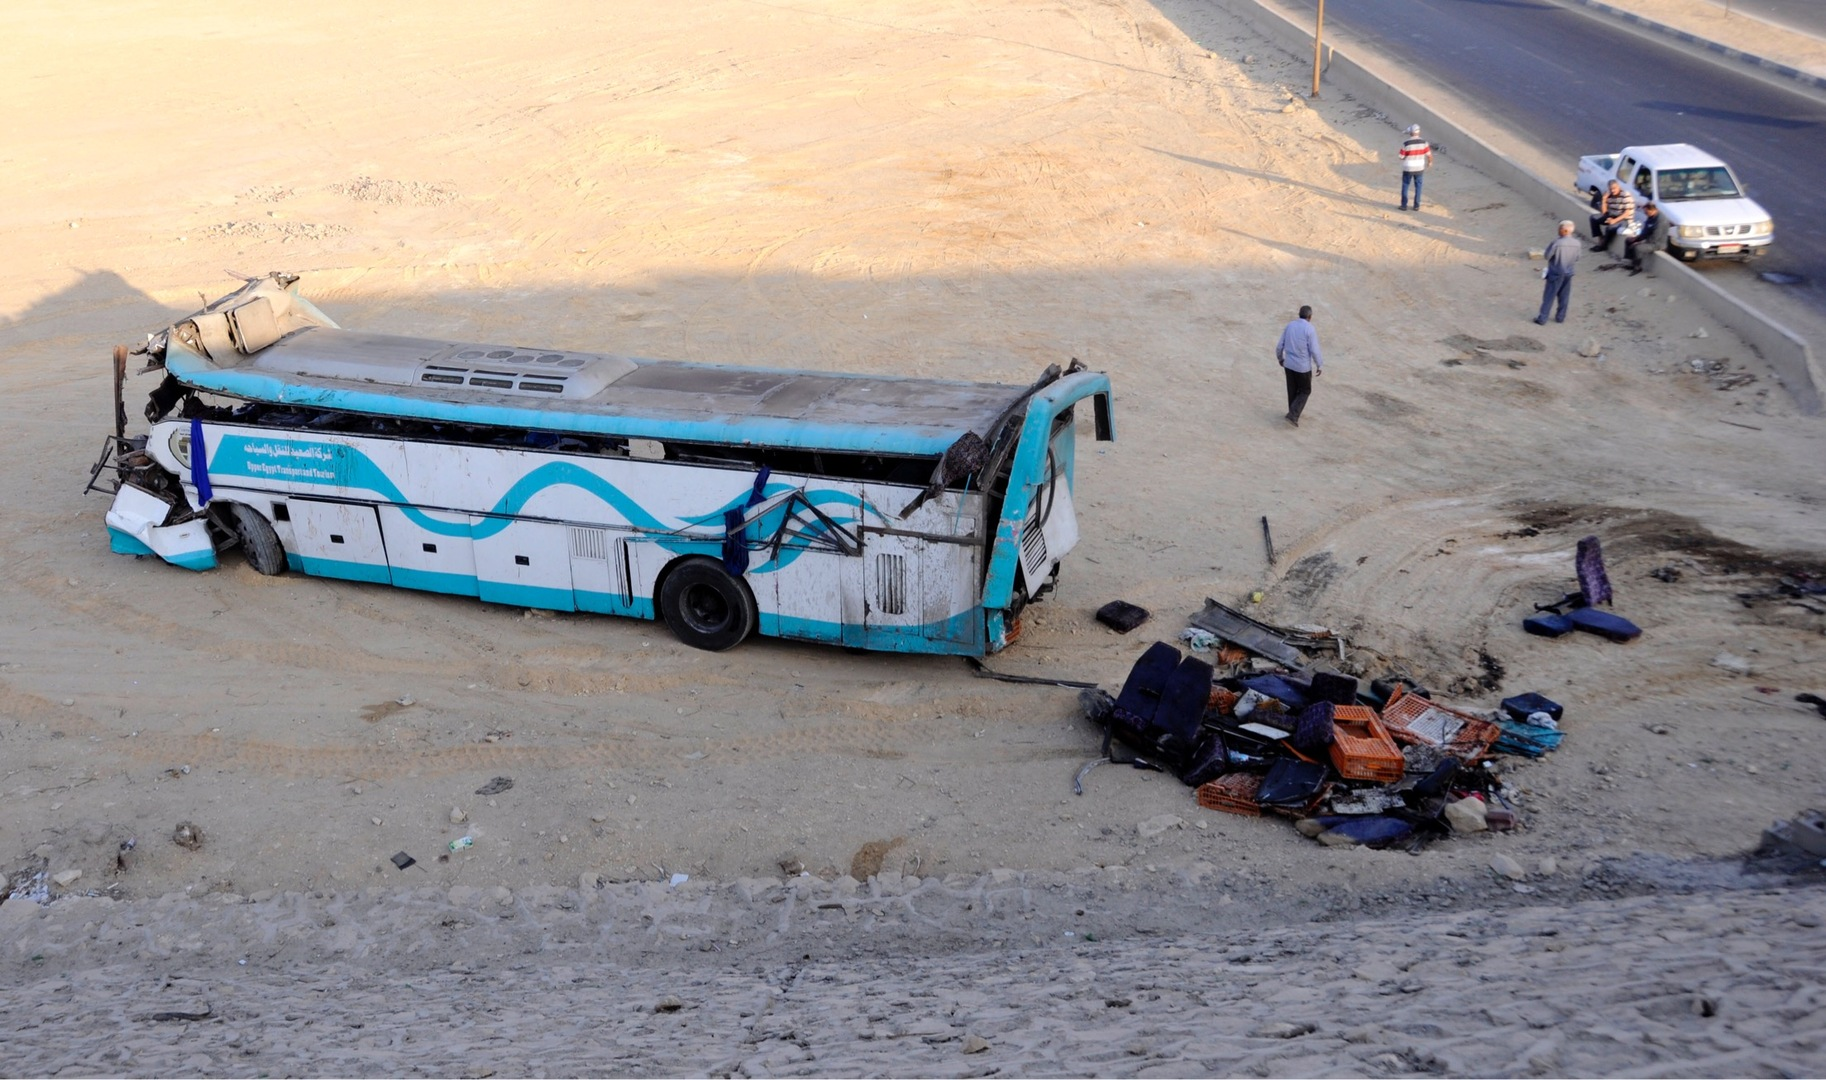 وسائل إعلام مصرية : مصرع 19 شخصا في تصادم سيارة نقل بحافلة على الطريق الأوسطي